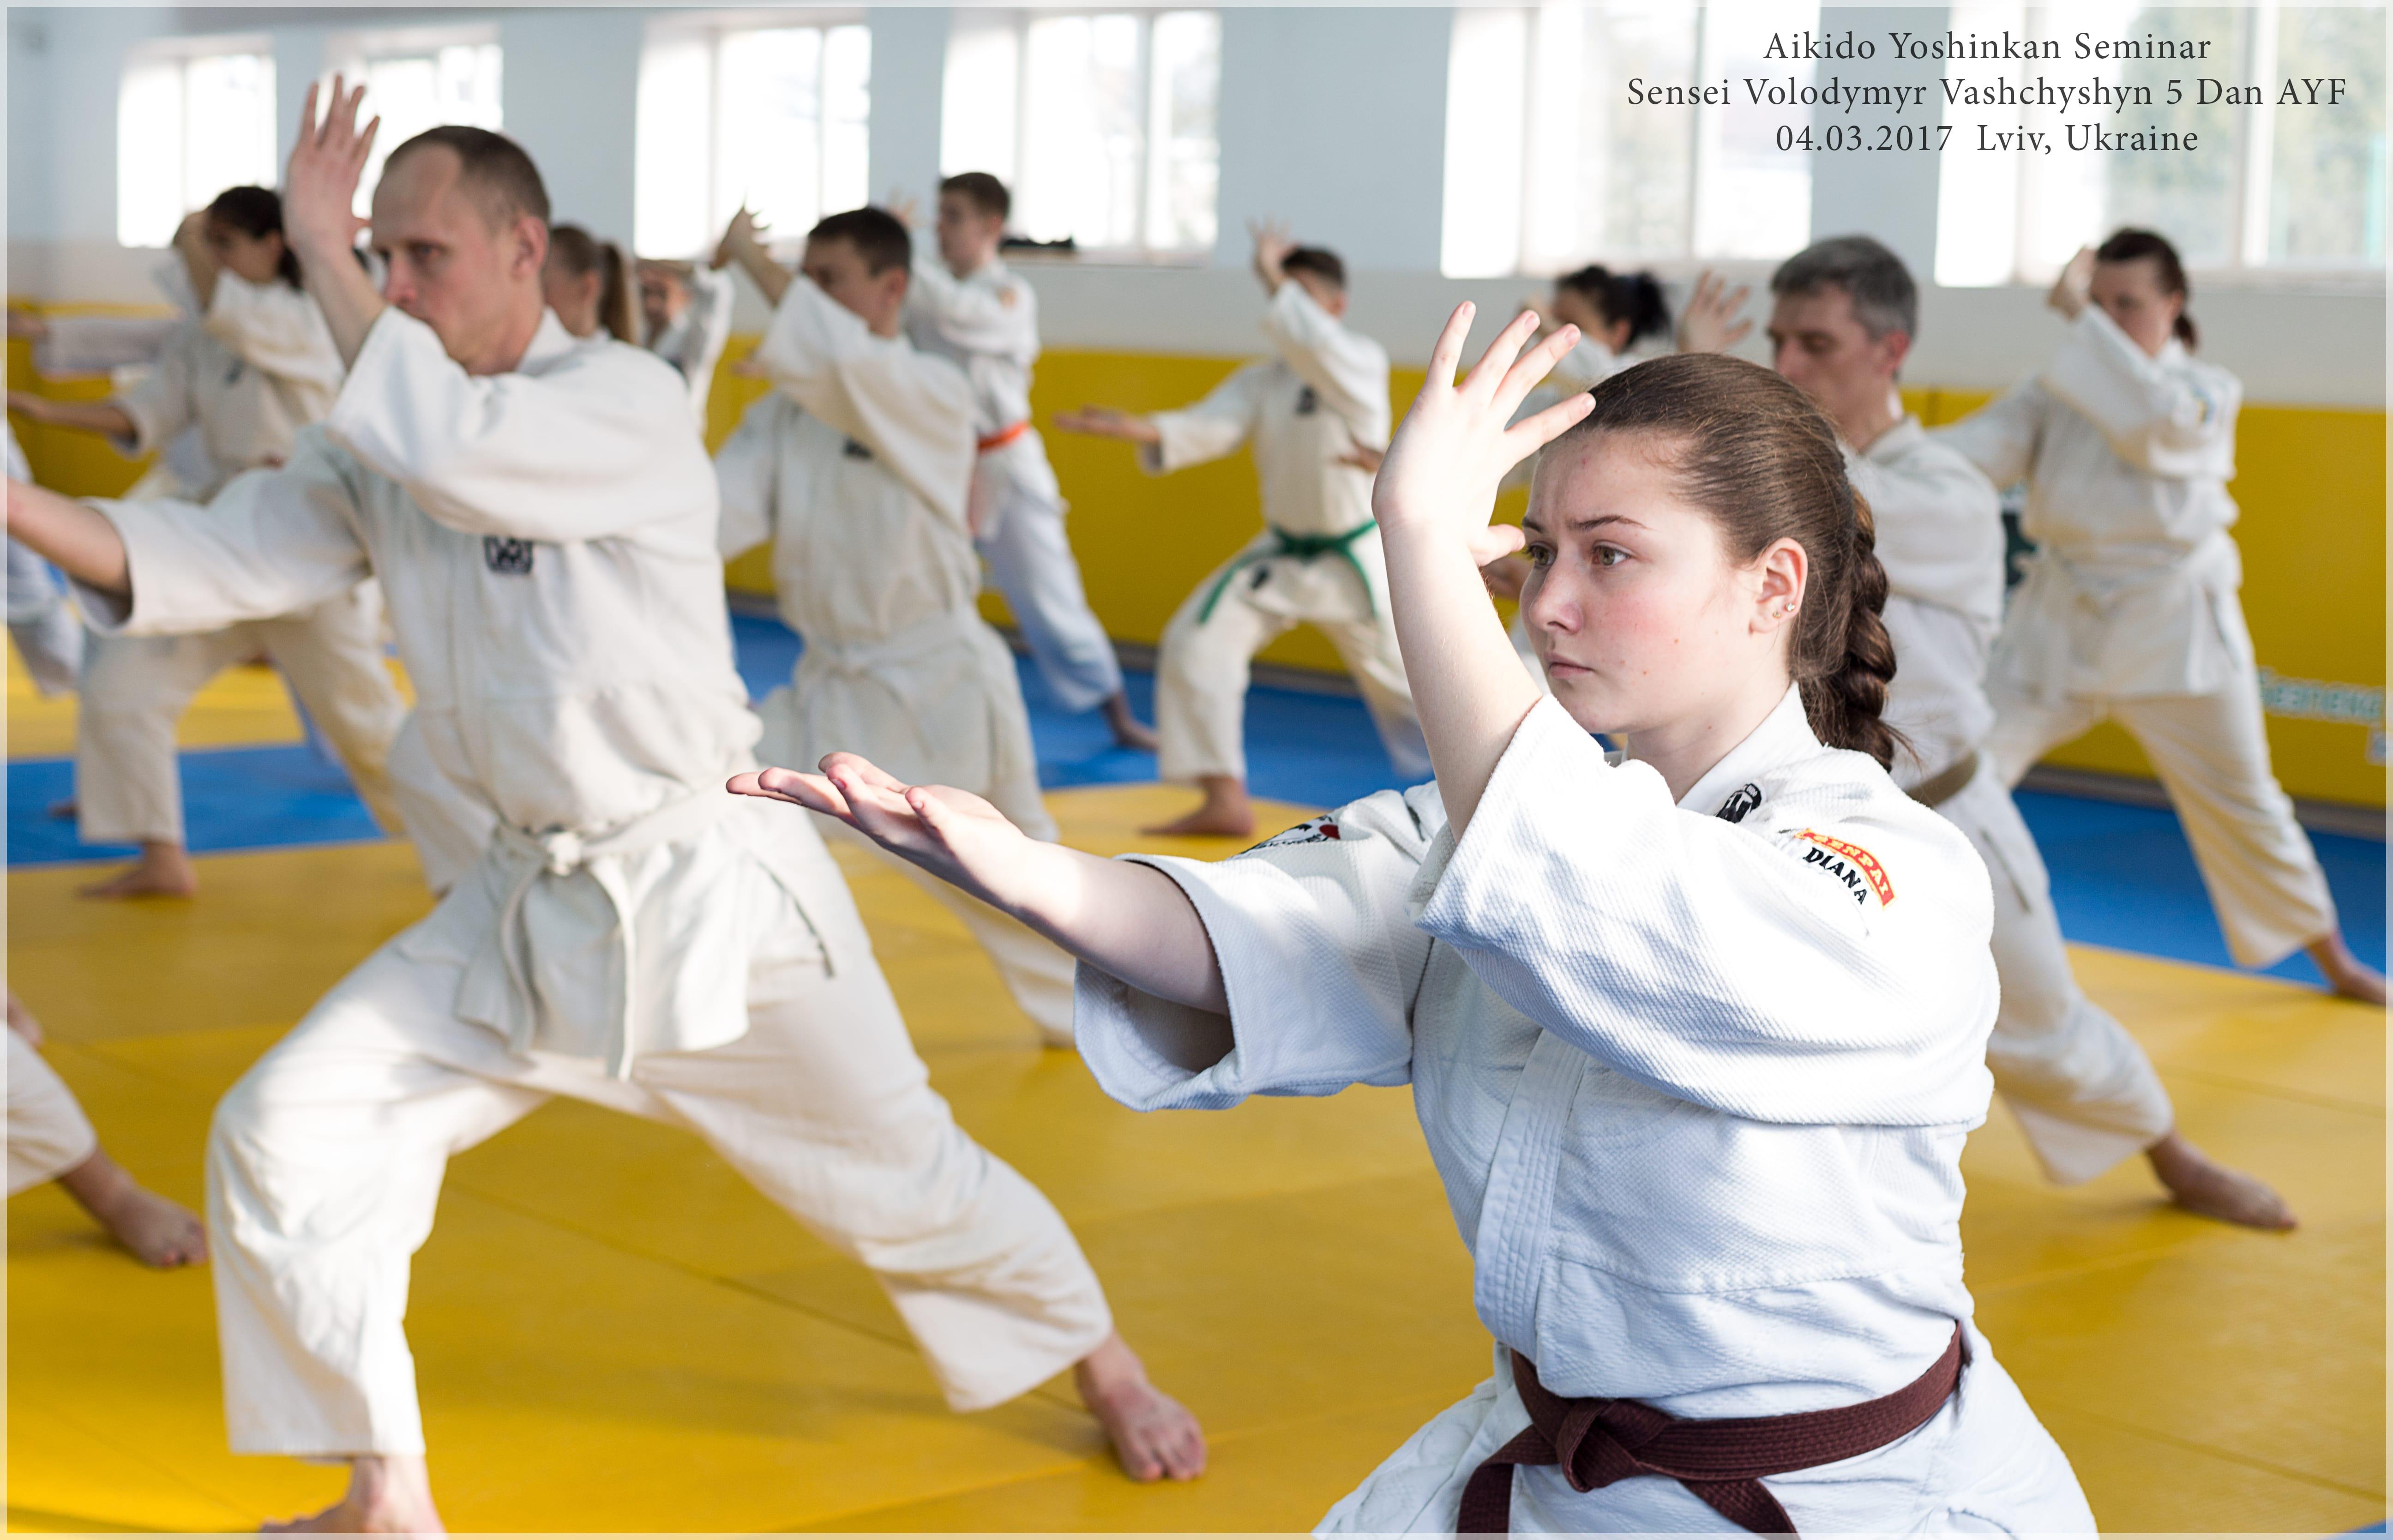 09 айкидо-семинар-йошинкан-киев-львов-min